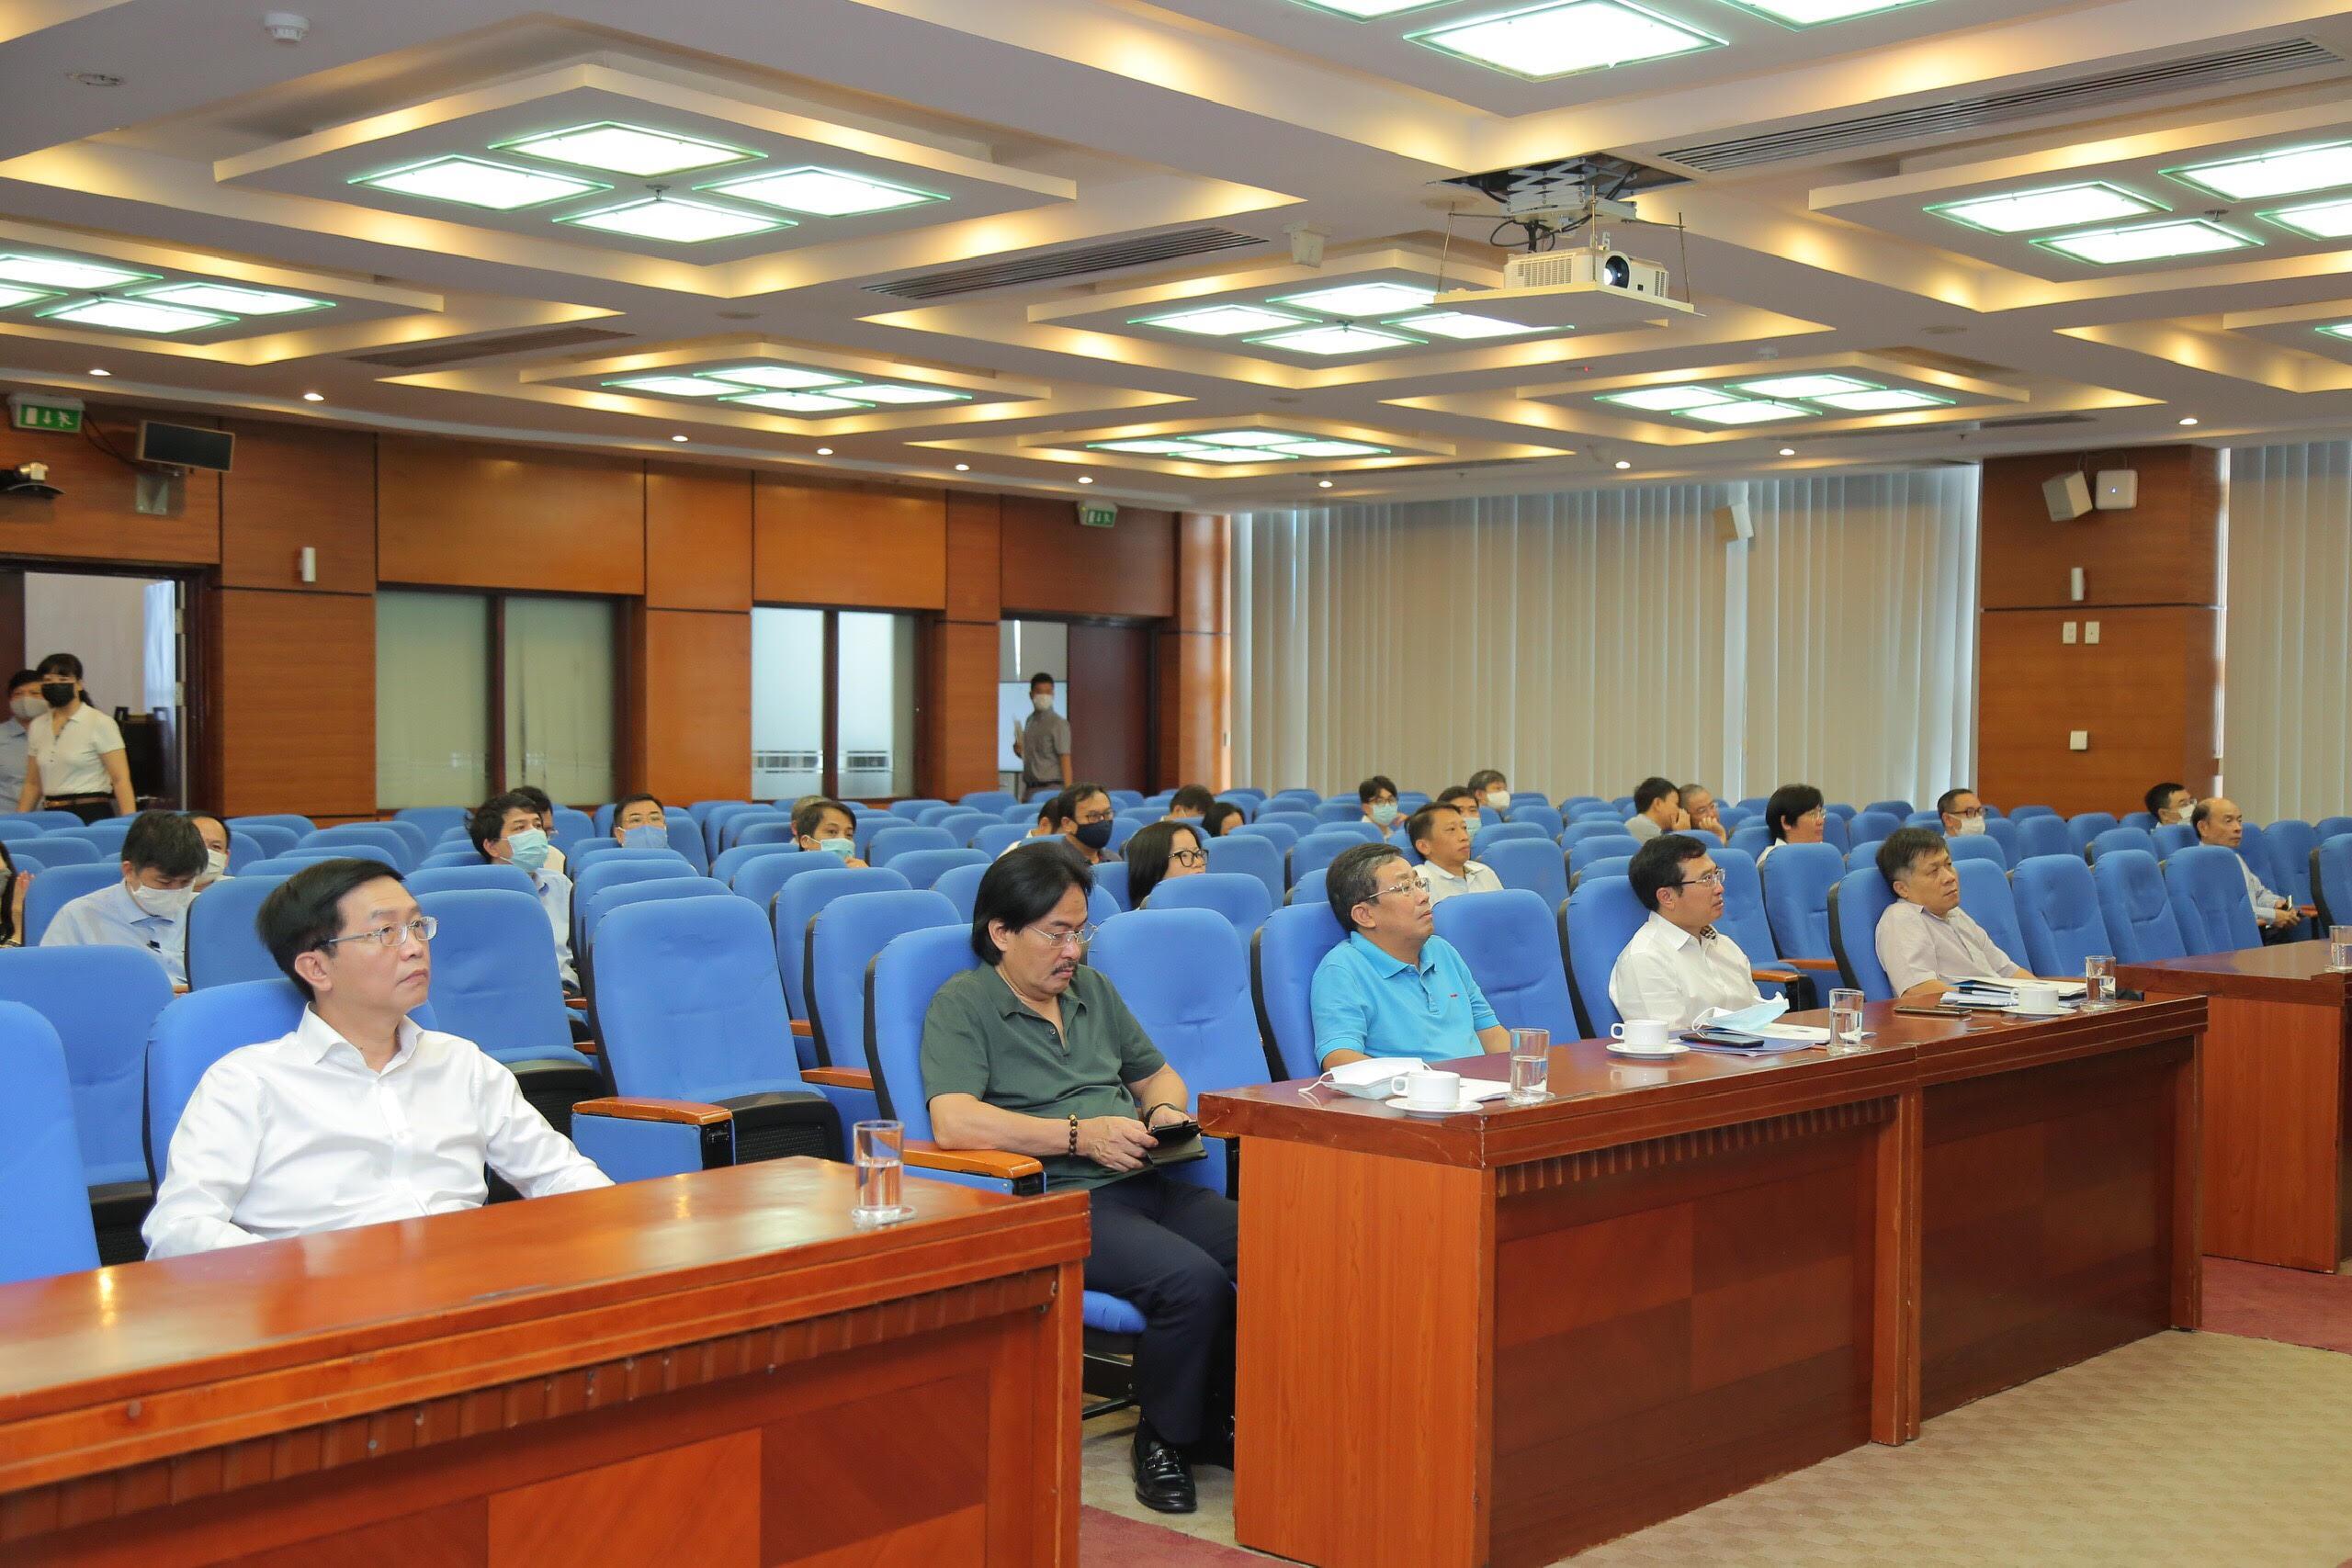 Các đại biểu tham dự Hội nghị tại điểm cầu Đảng ủy Tập đoàn Dầu khí Quốc gia Việt Nam.